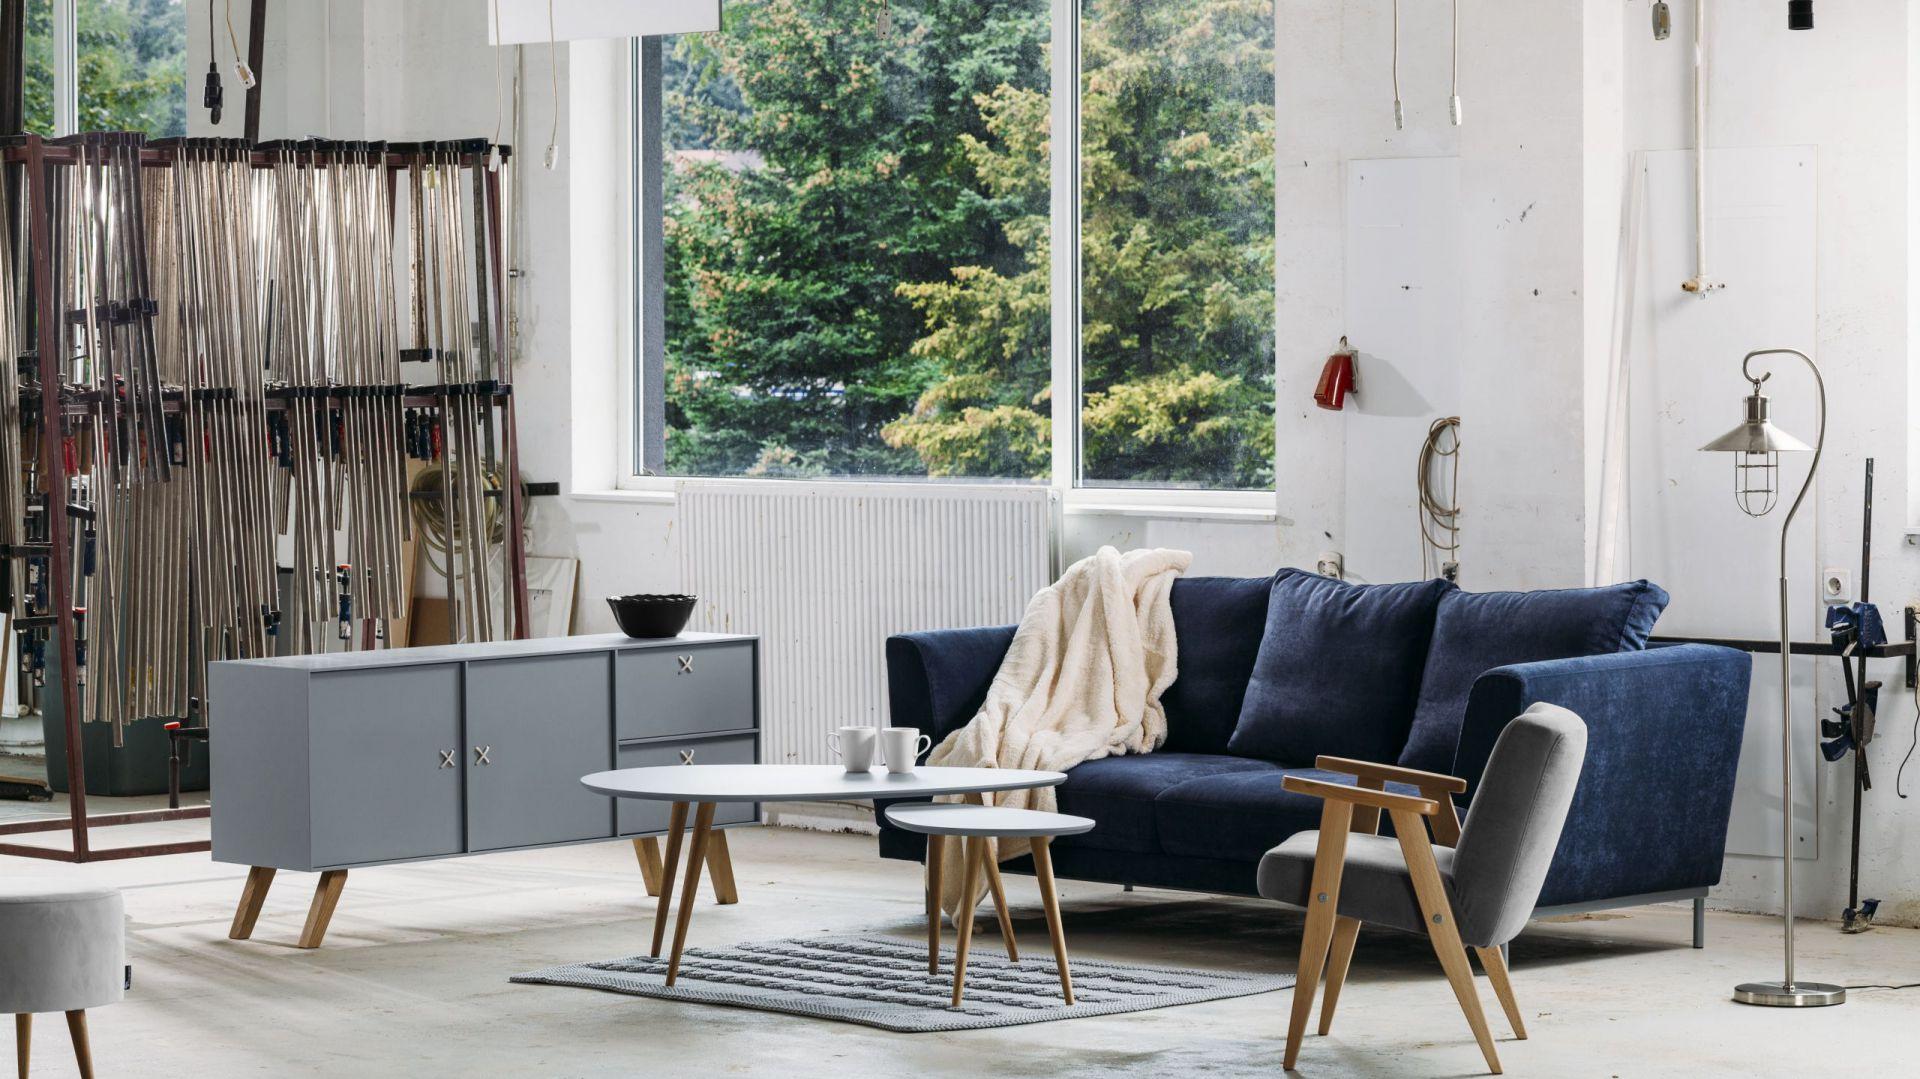 Komoda Scandinave L model 4, sofa Lily oraz  fotel Lazy I tworzą zestaw w stylistyce skandynawskiej z elementami retro. Od 1.999 zł/komoda. Fot. Rosanero